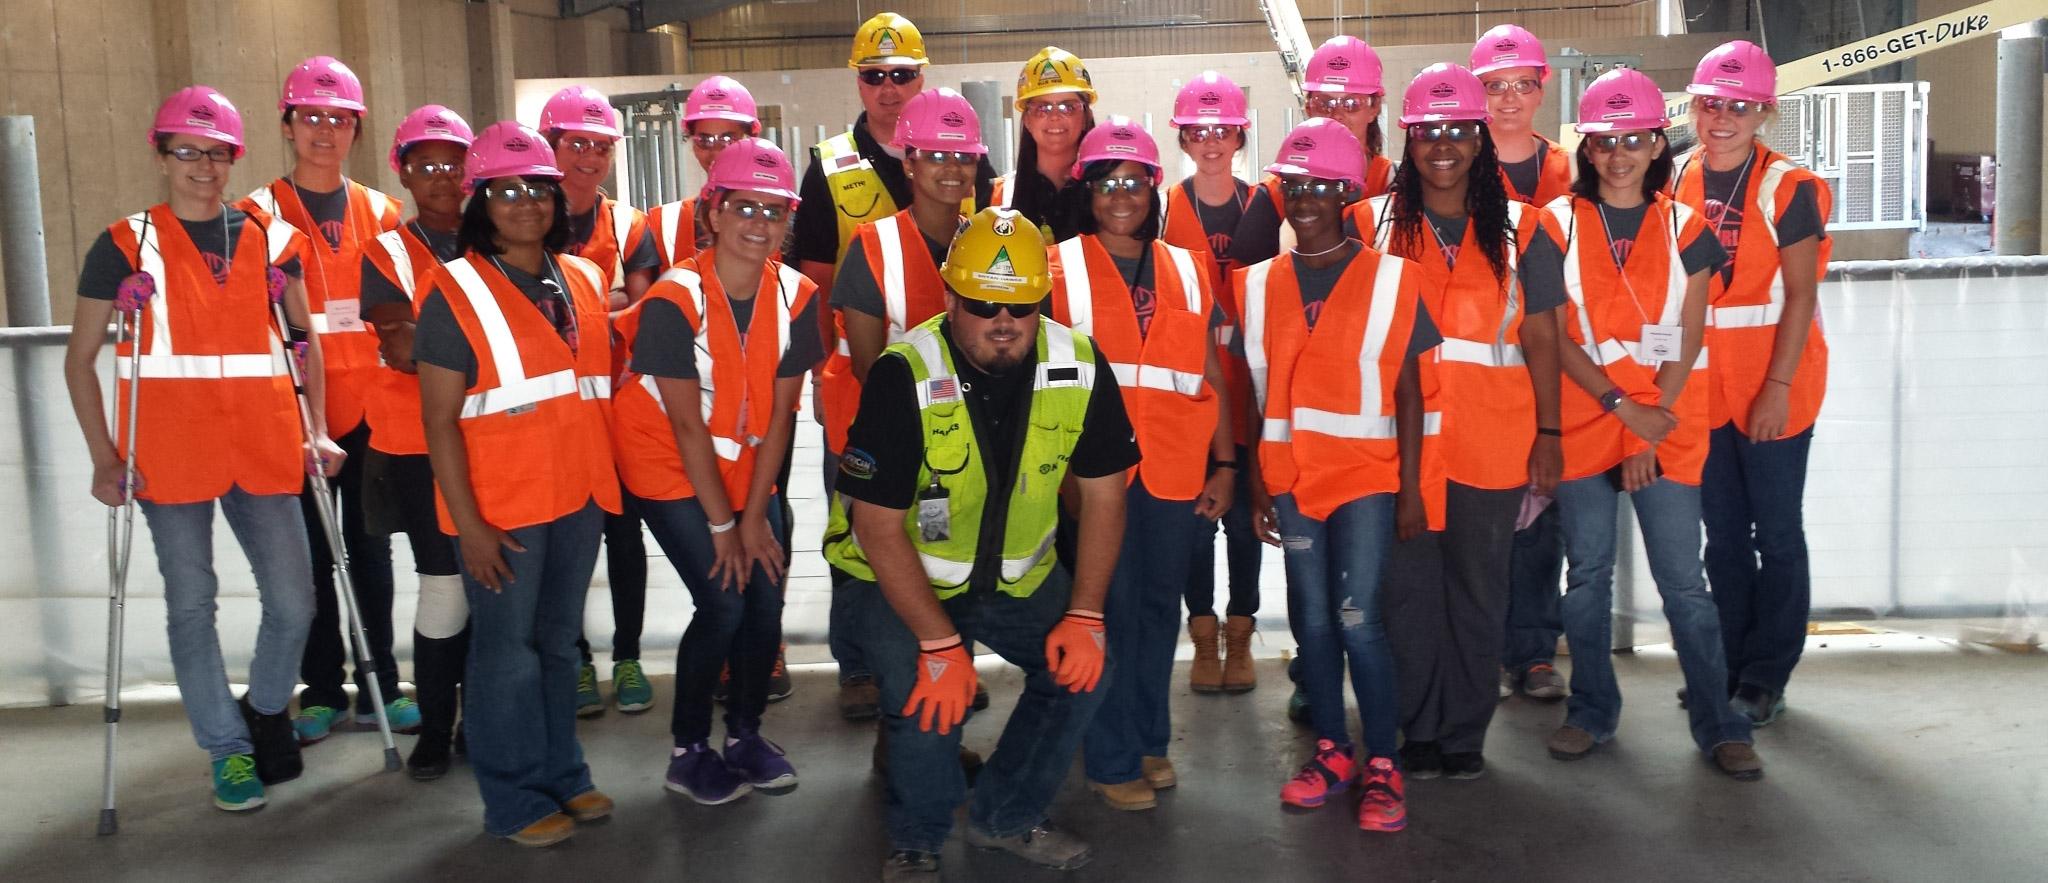 Durham School Pink Hardhat Days